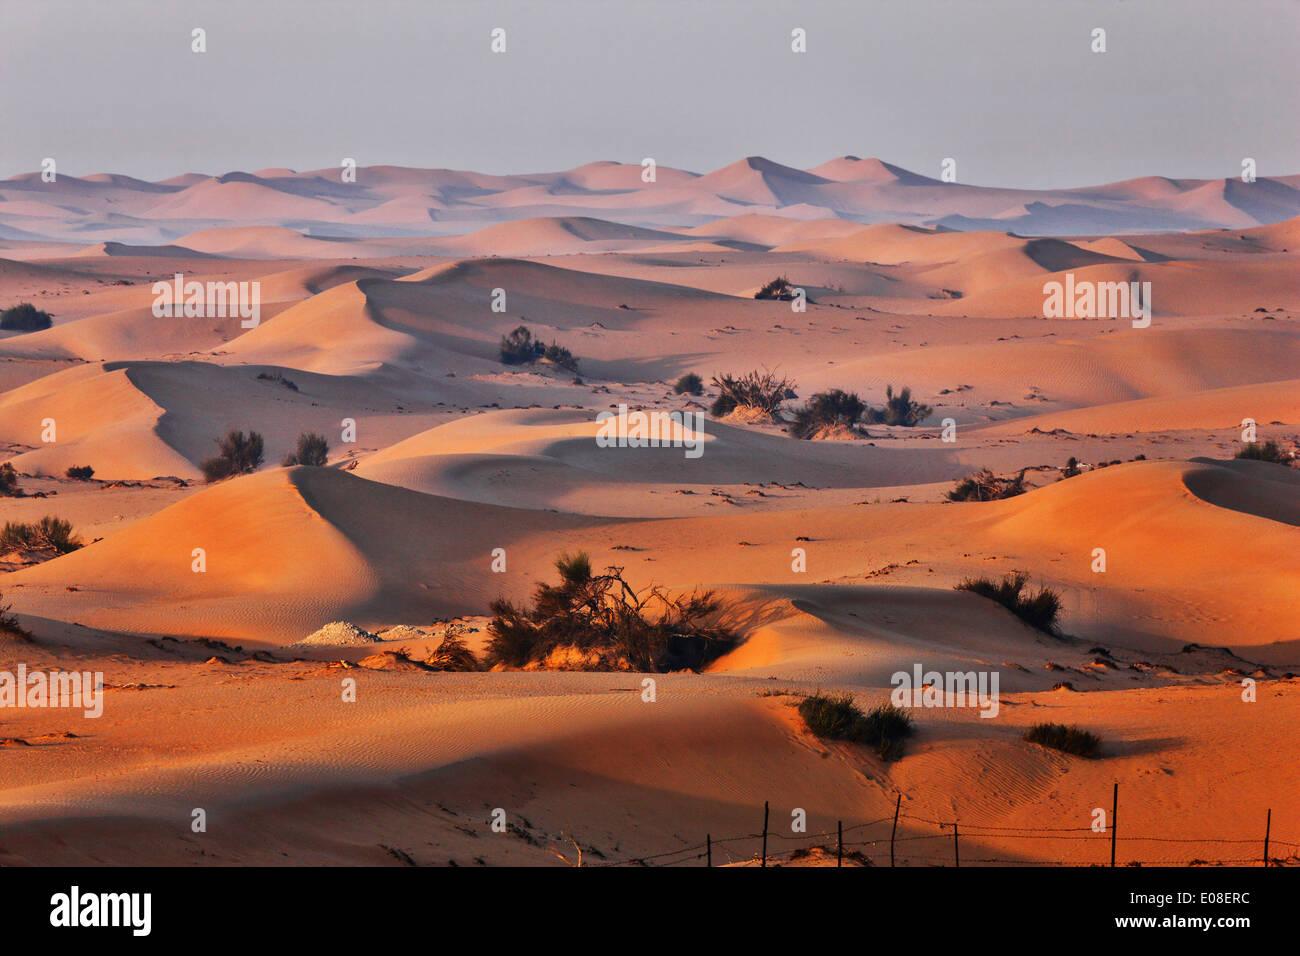 Paisaje de dunas de arena en el desierto de Arabia. Foto de stock